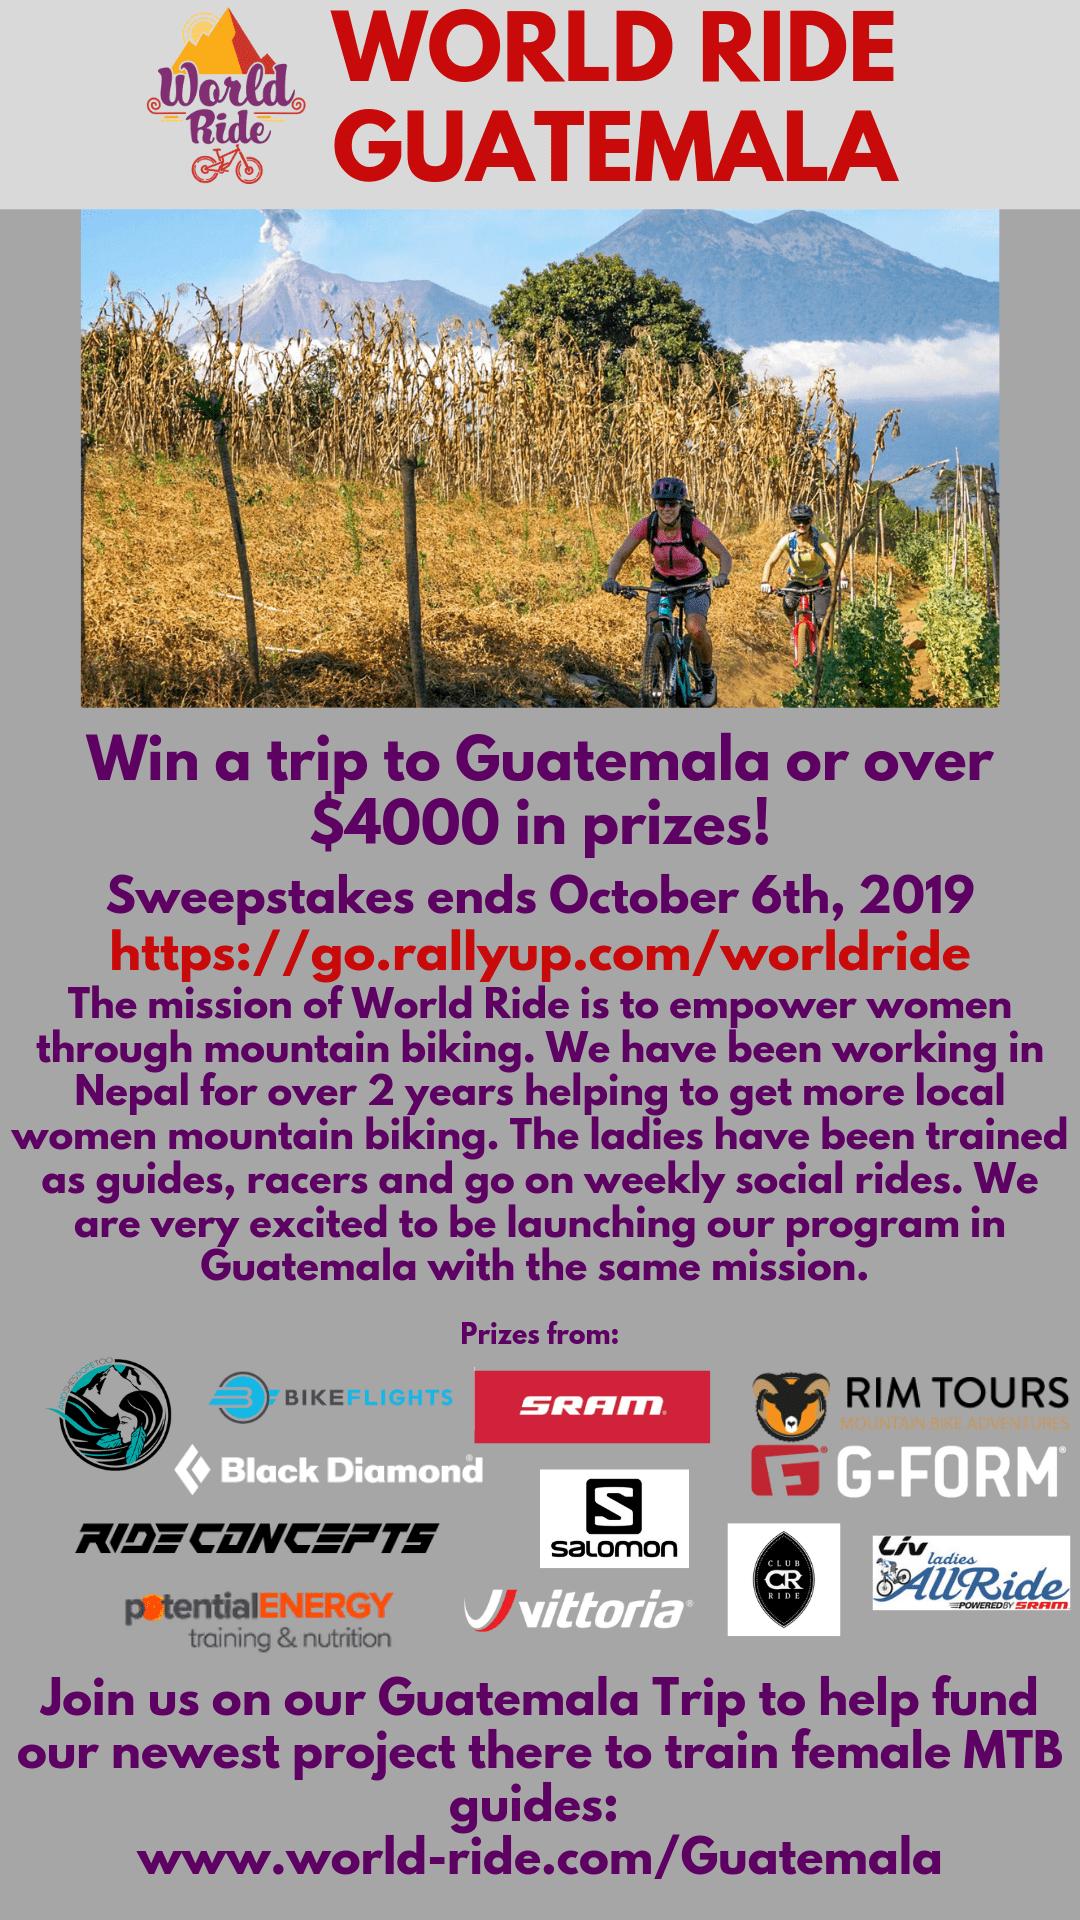 World ride Guatemala (5)